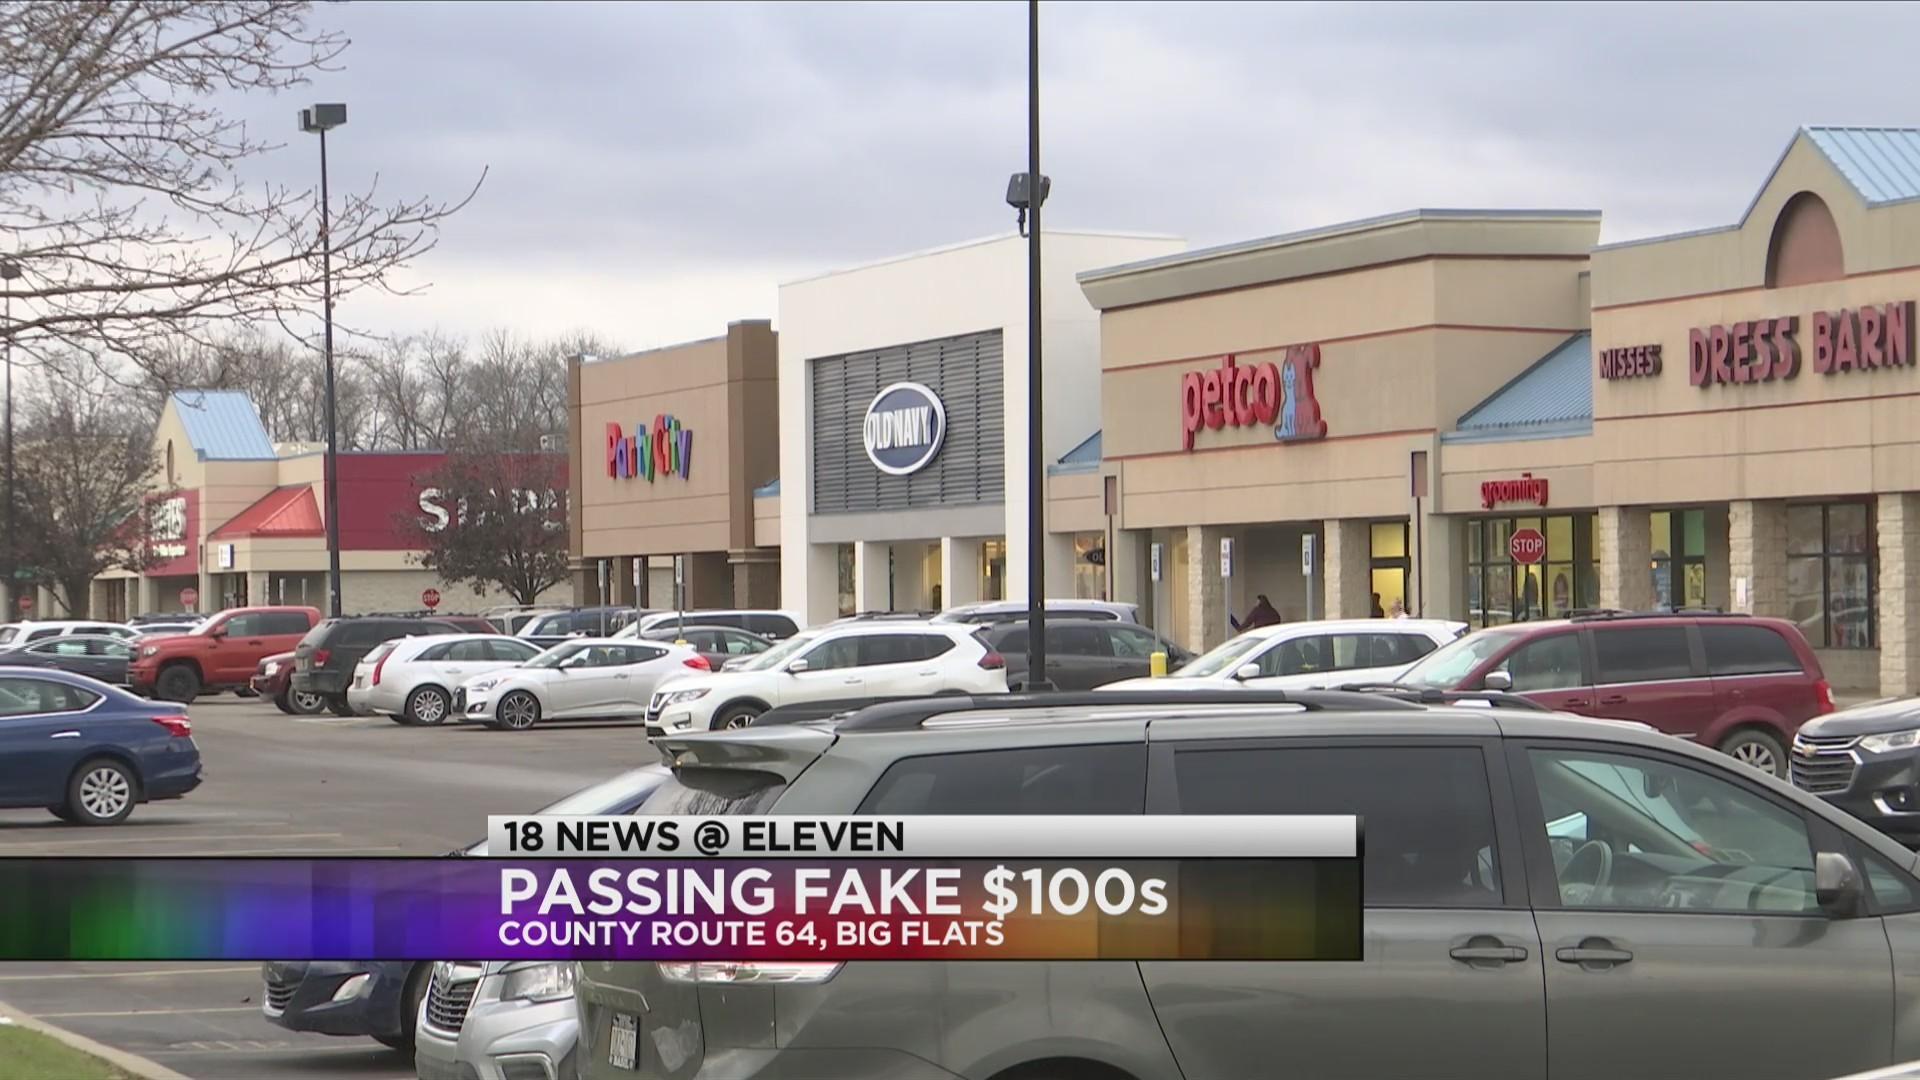 Passing Fake $100s